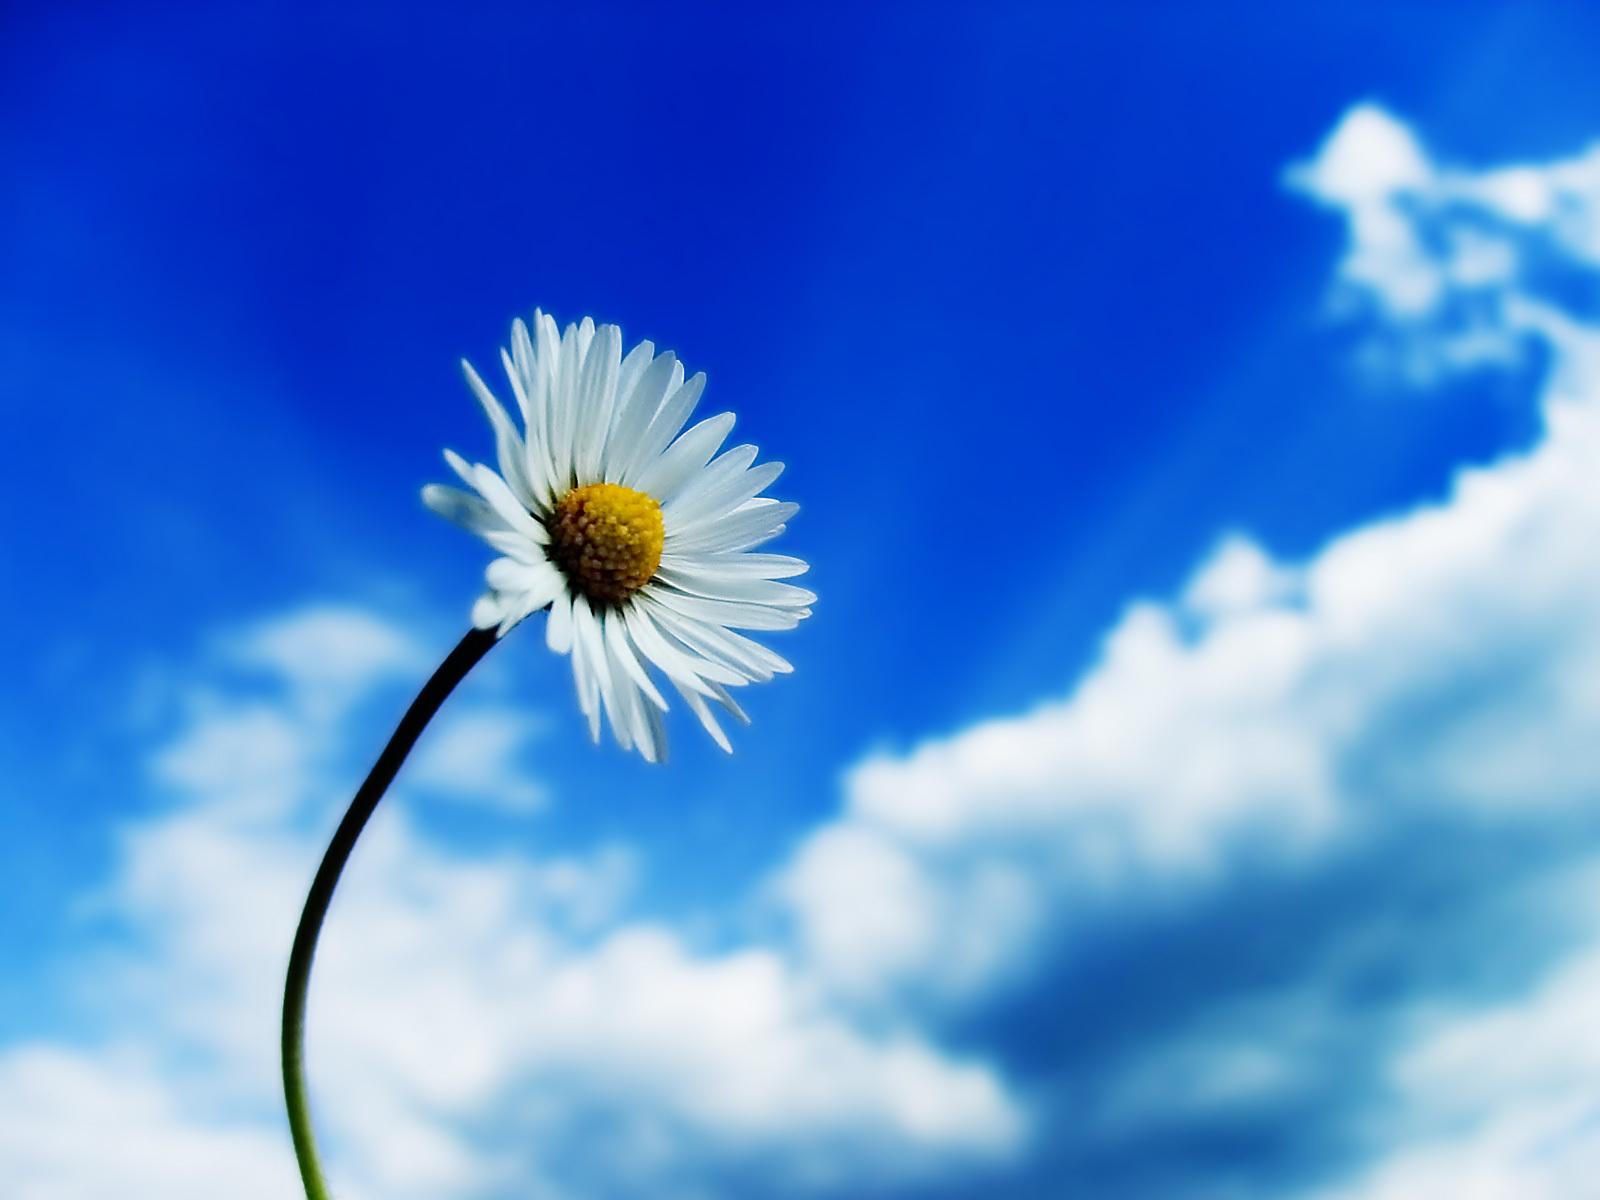 10517 скачать обои Растения, Цветы, Ромашки - заставки и картинки бесплатно